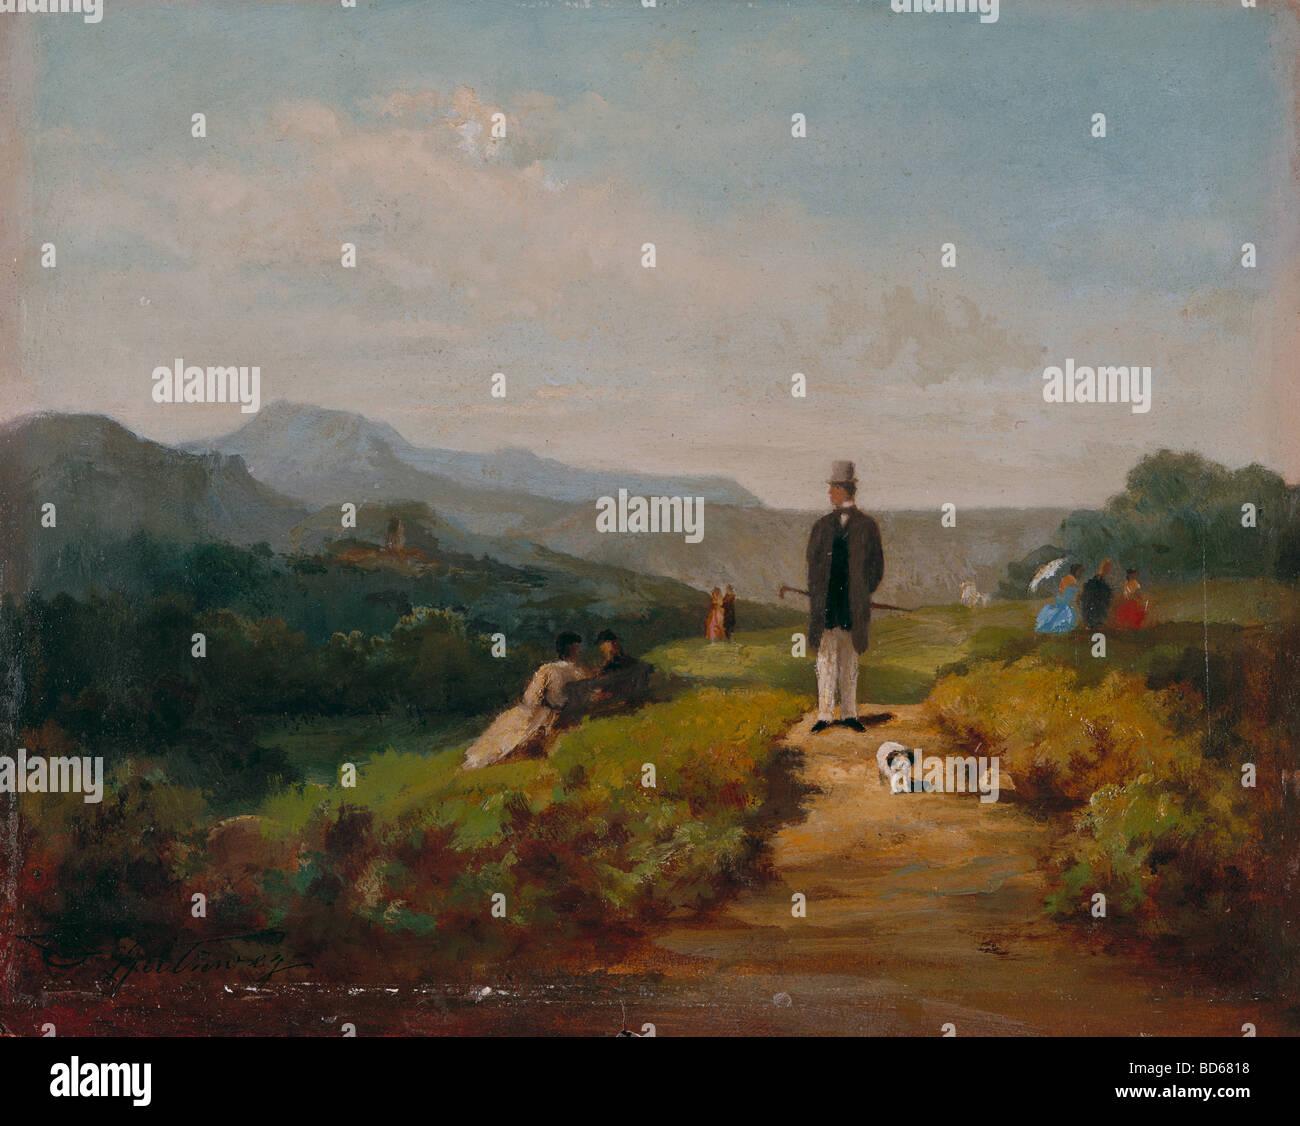 Belle arti, Spitzweg, Carl (1808 - 1885), pittura, 'Der Gutsherr' (Il Laird), la Kunsthalle di Mannheim, Immagini Stock